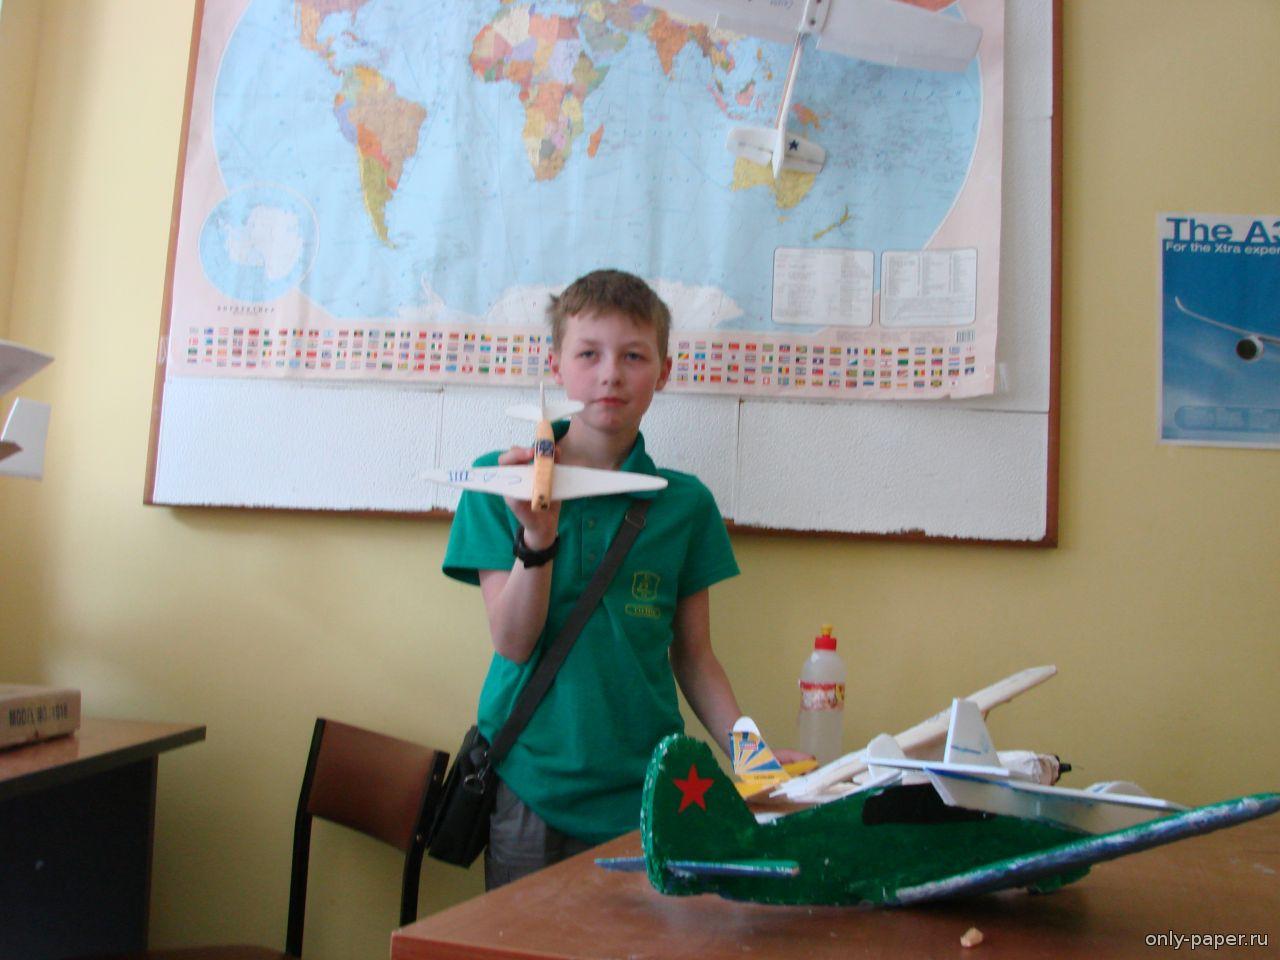 инструкция для изделия маленького самолёта из реек